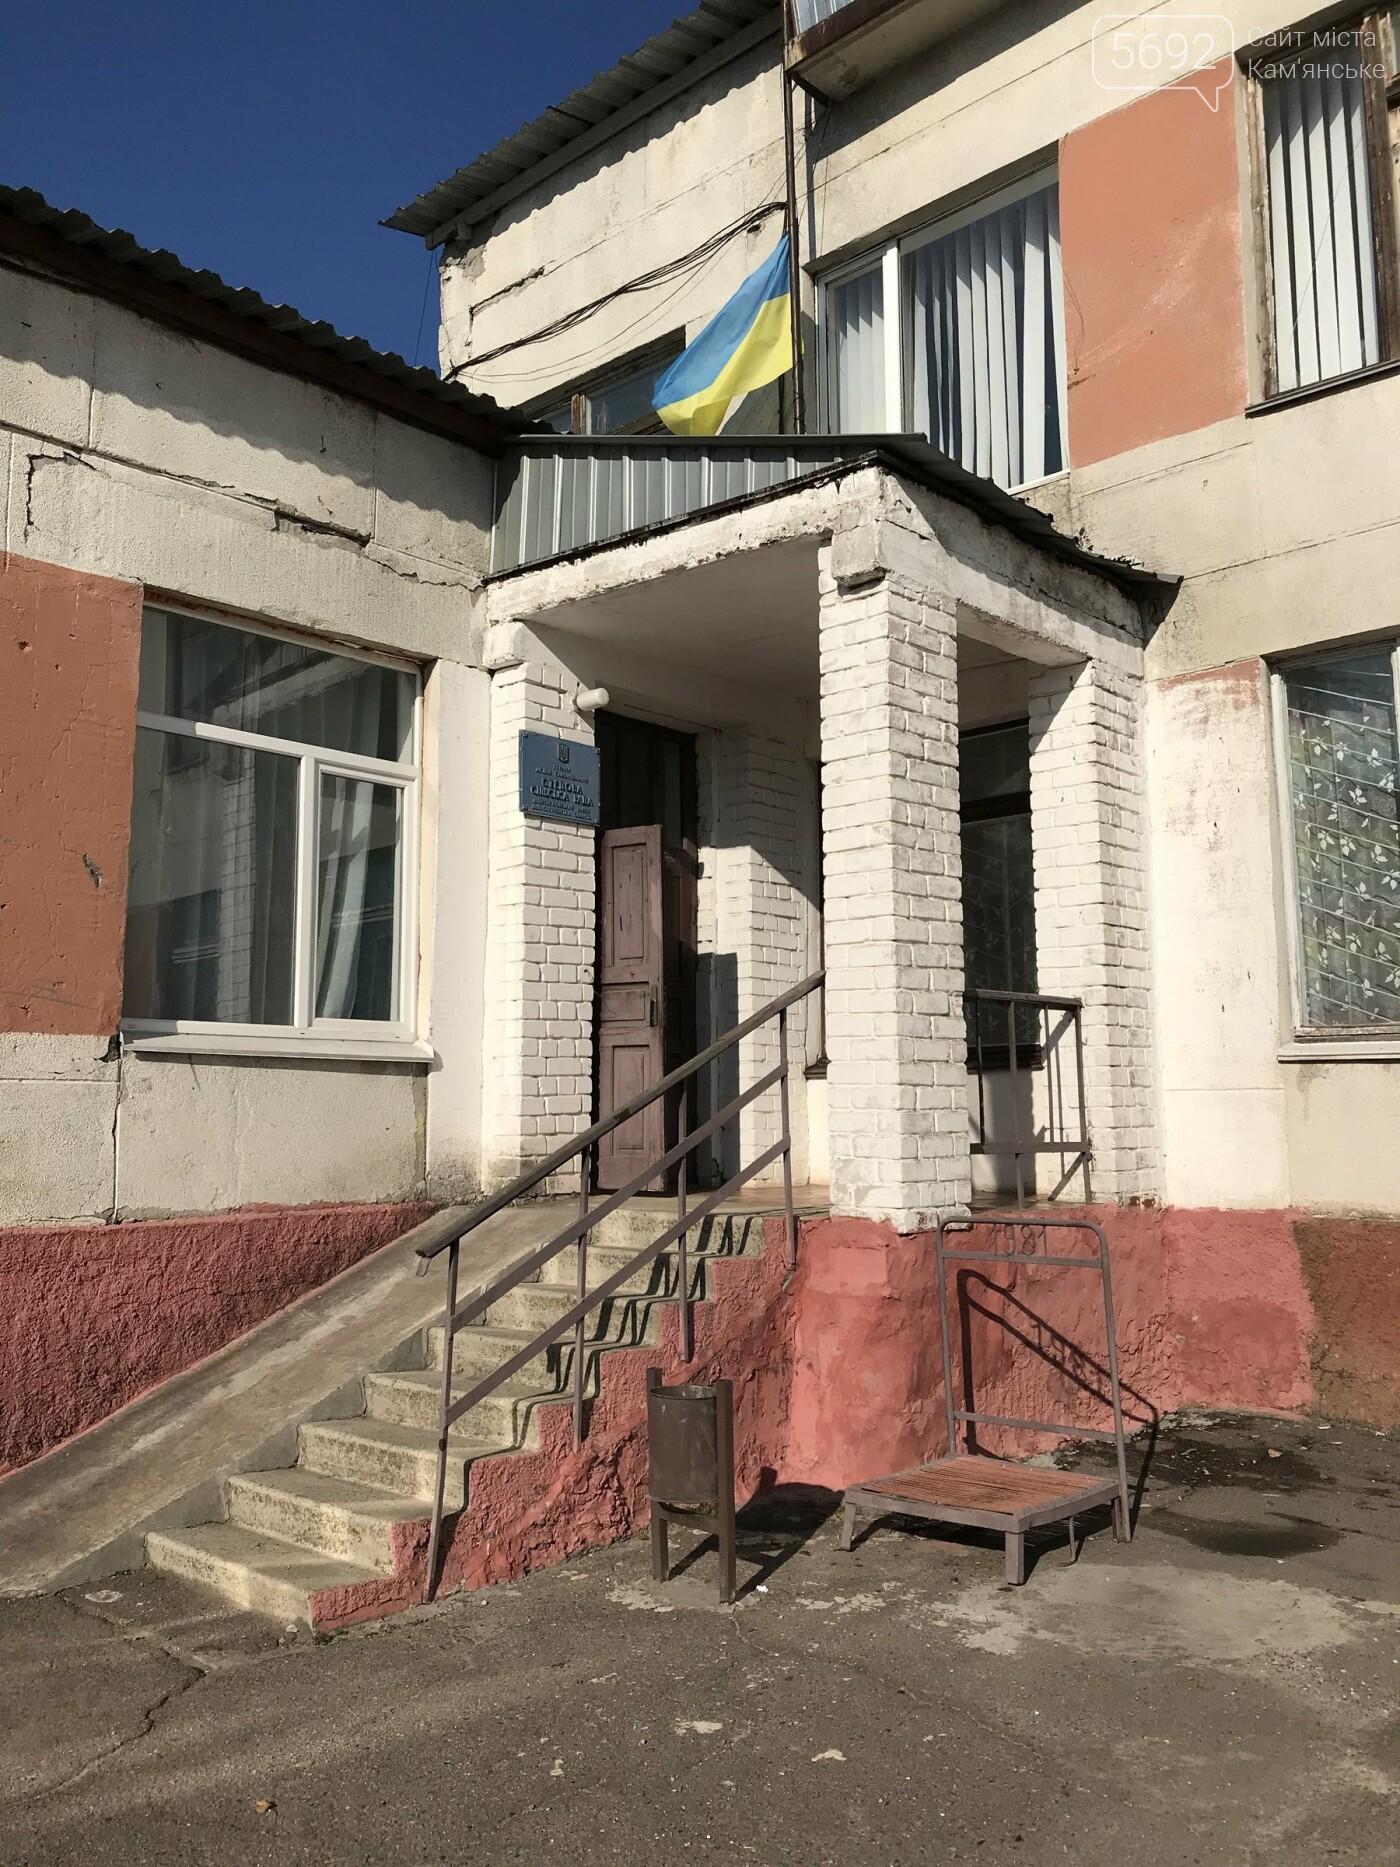 Что получит Каменское в случае присоединения: репортаж из Степового, фото-26